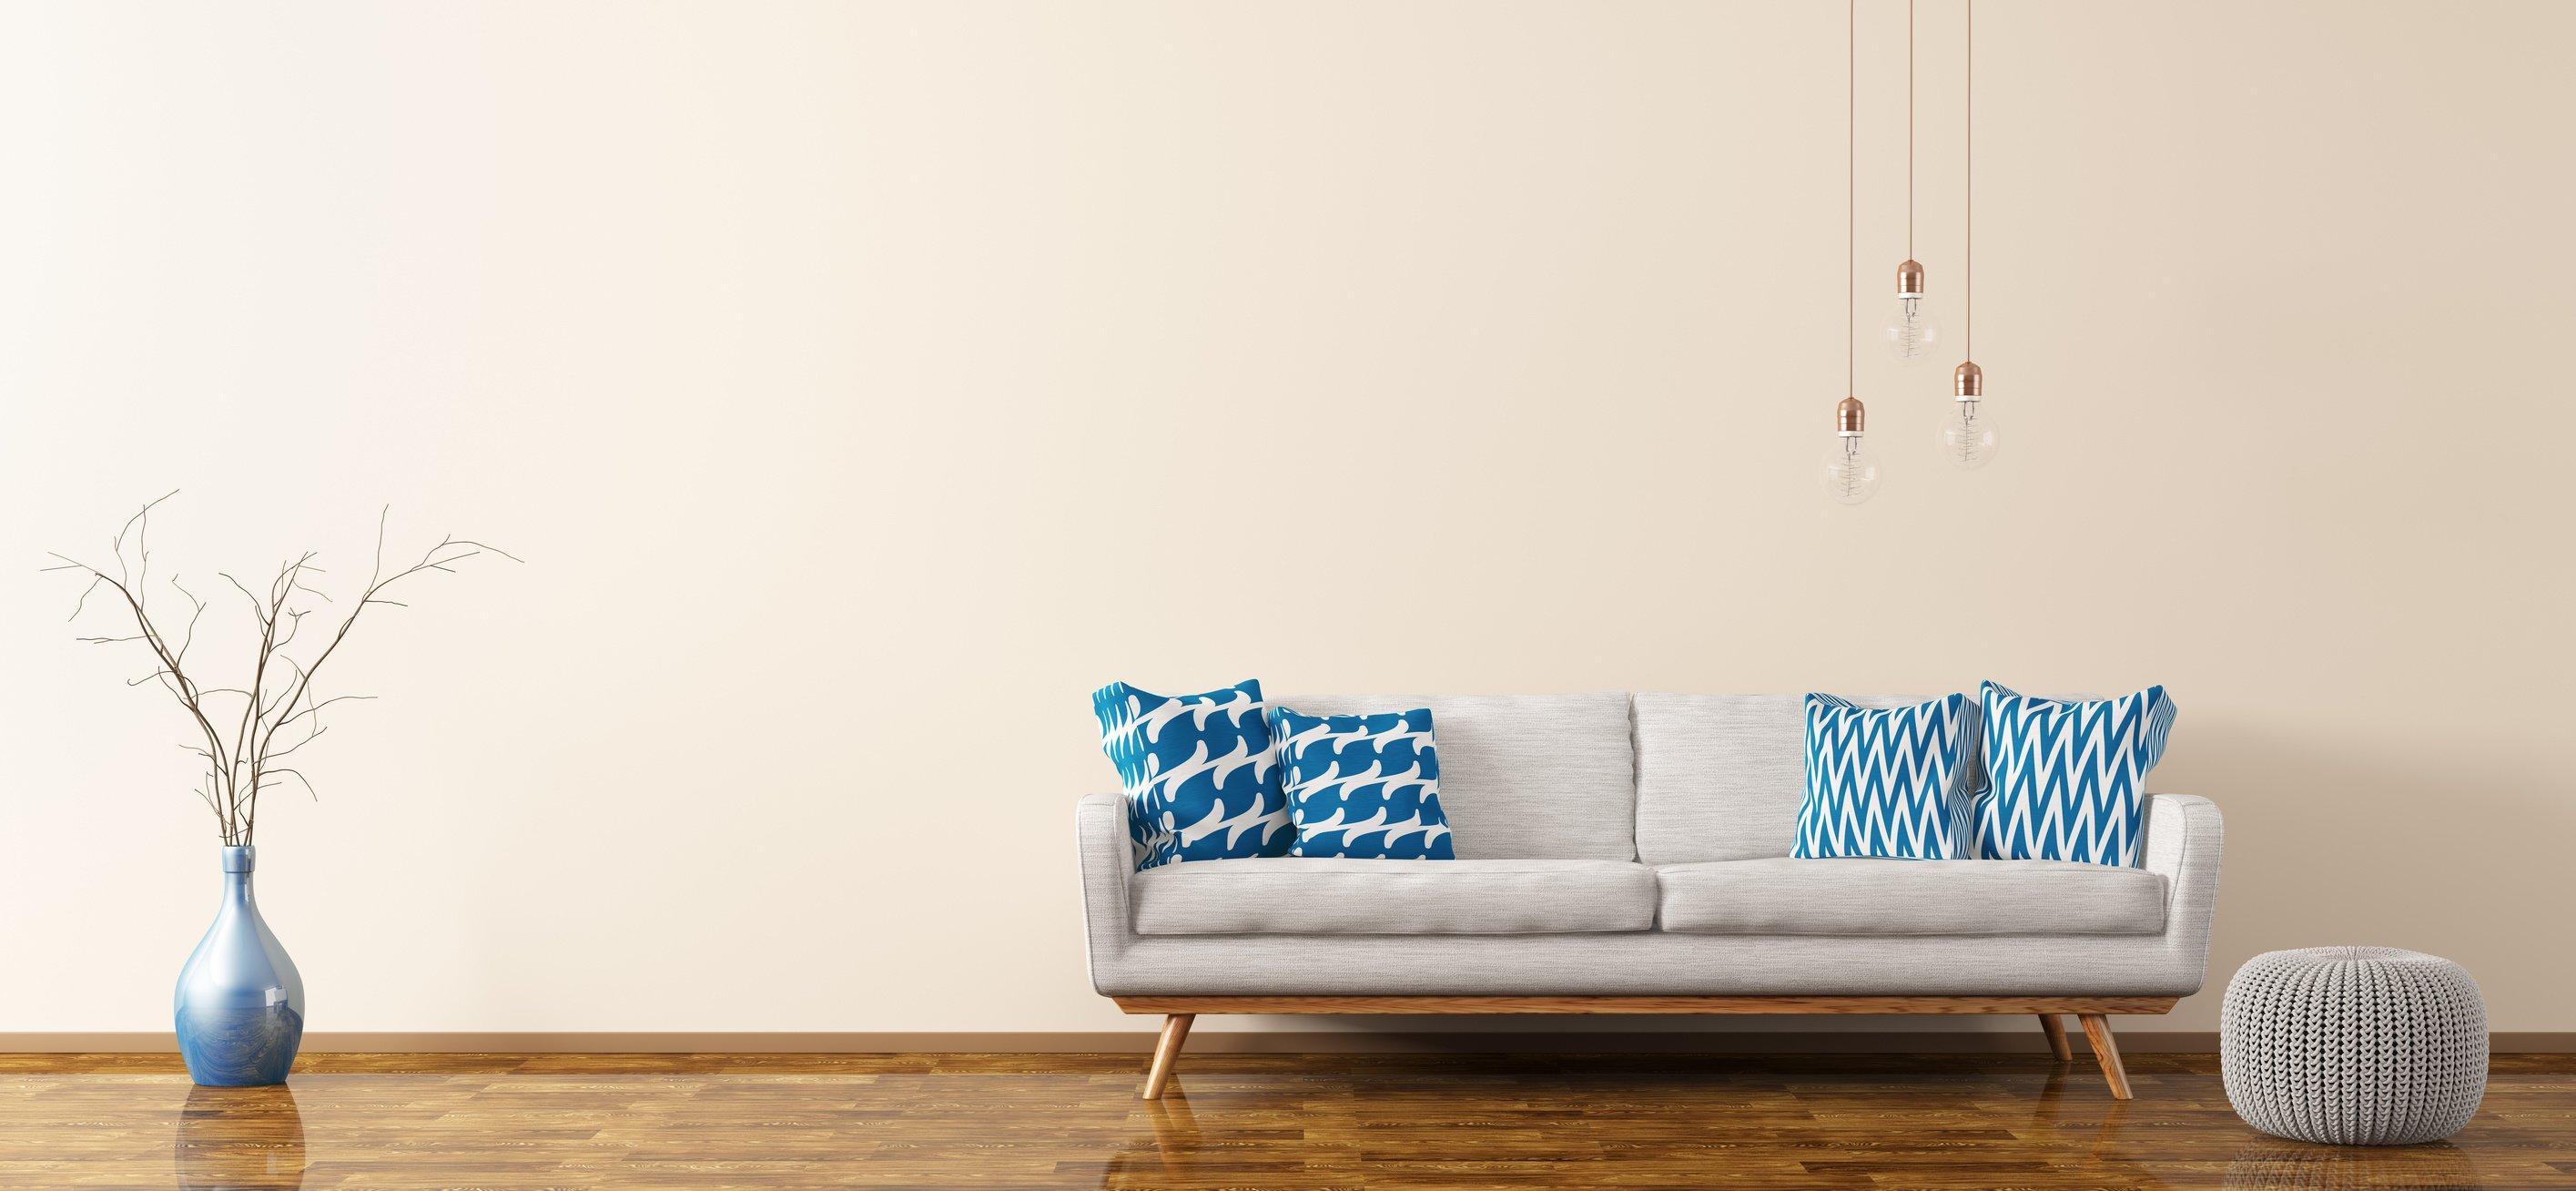 6 اشتباه رایج در دکوراسیون داخلی منزل و نحوه اجتناب از آنها